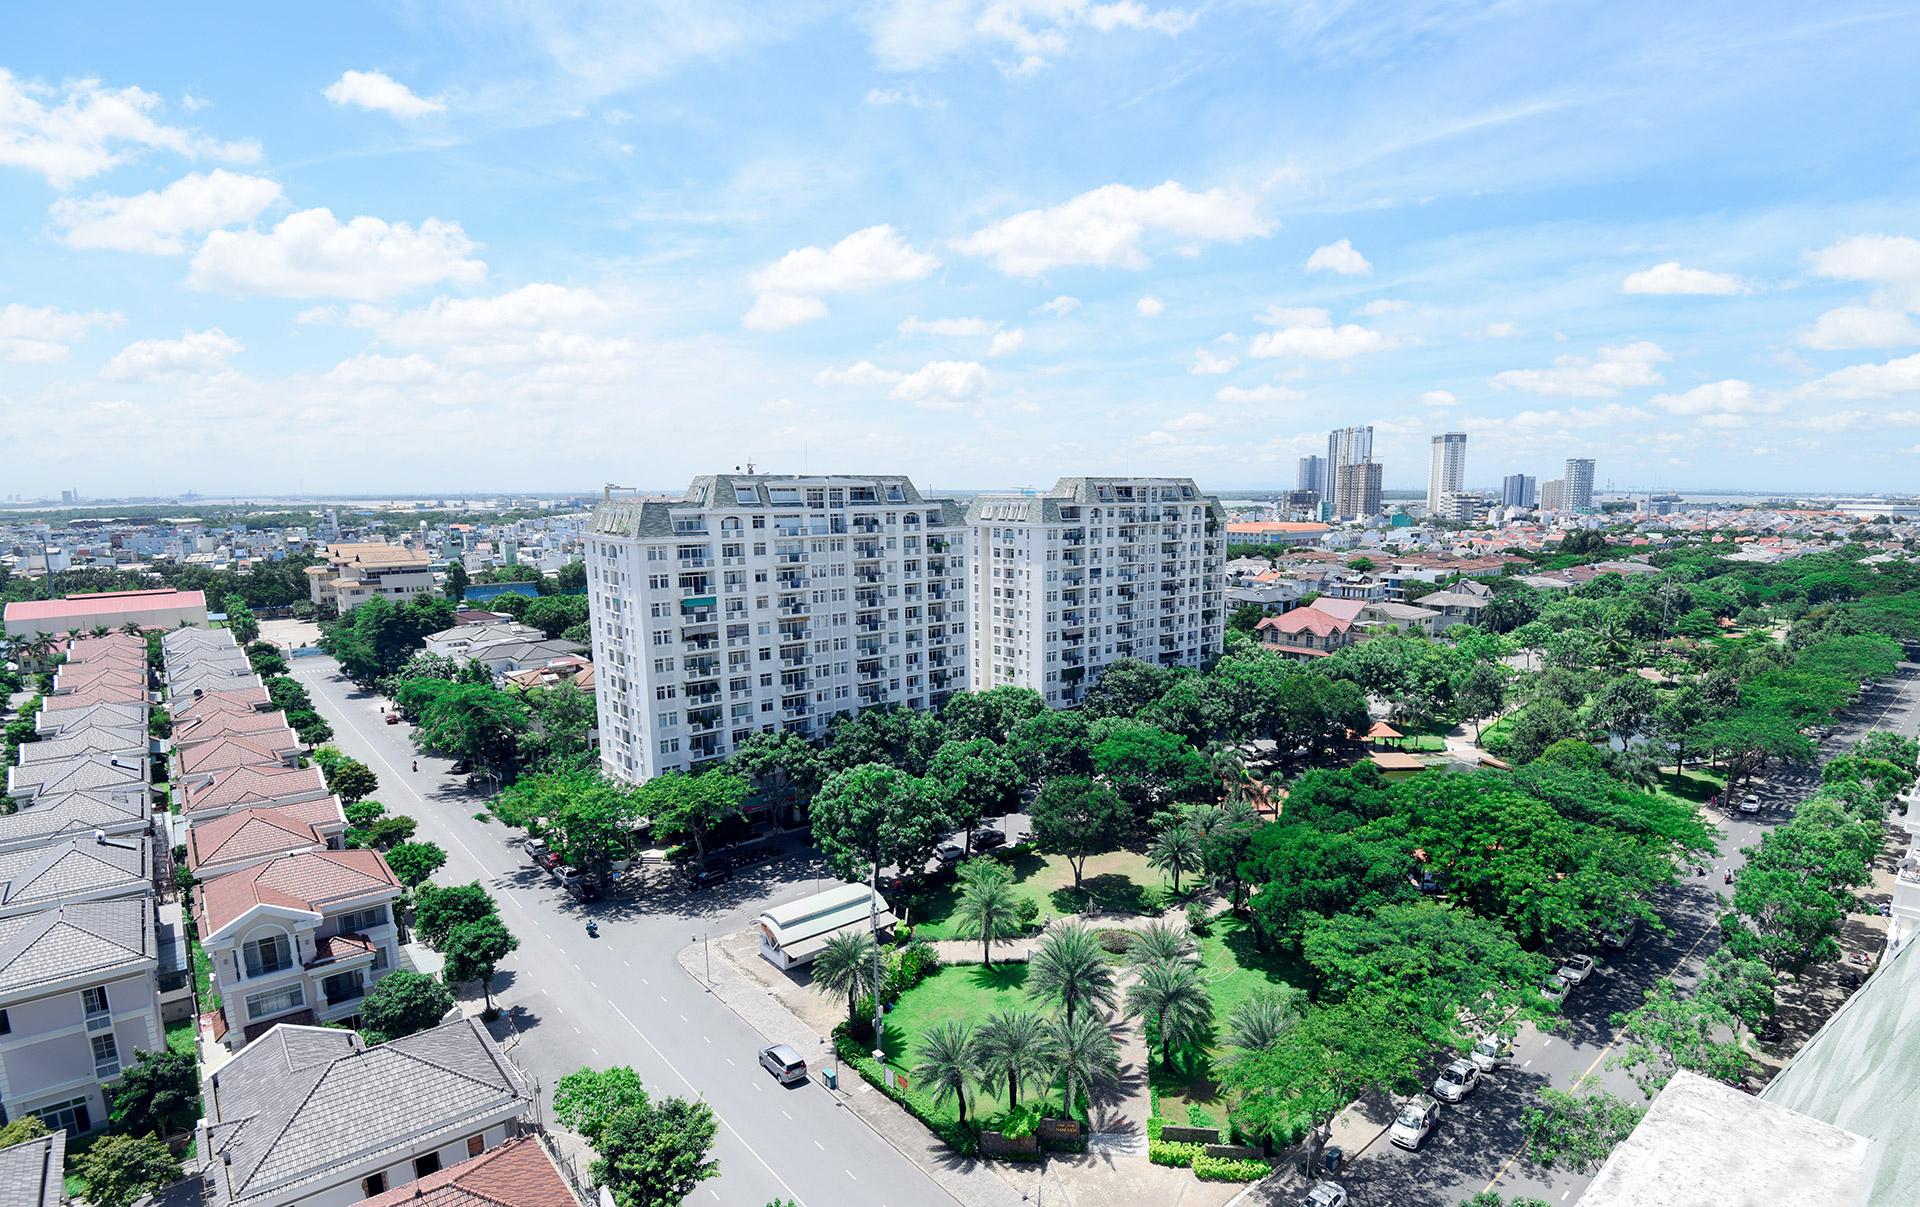 nam vien park - Phú Mỹ Hưng - Đô thị xanh từ quy hoạch đến vật liệu